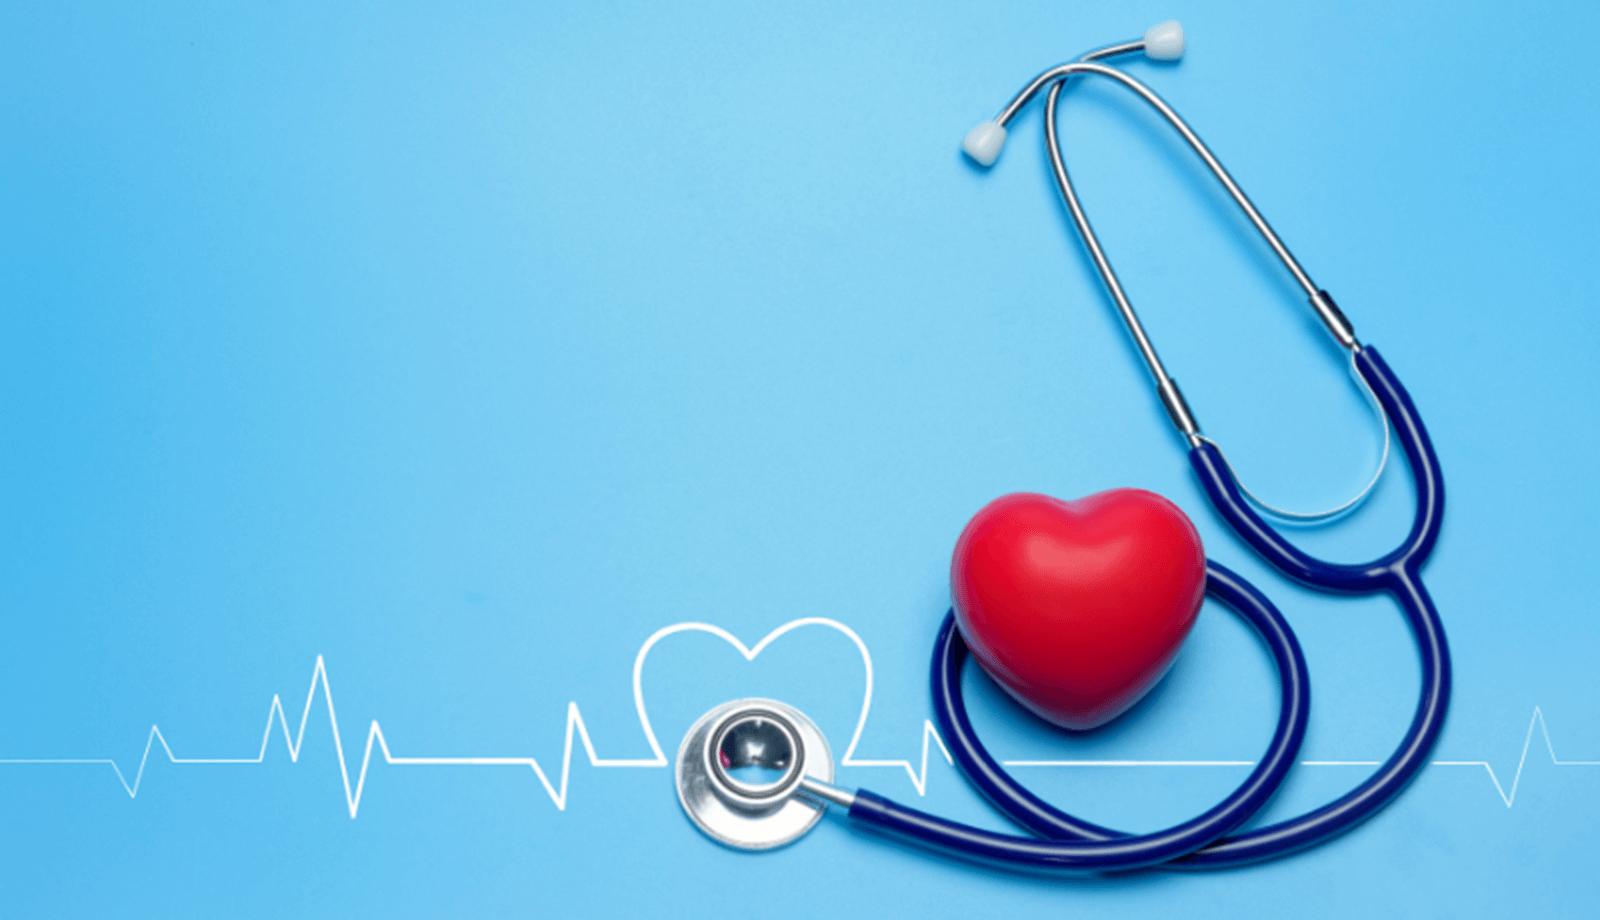 Az MTR kockázata. Szív- és érrendszeri szövődmények: hogyan kell felismerni